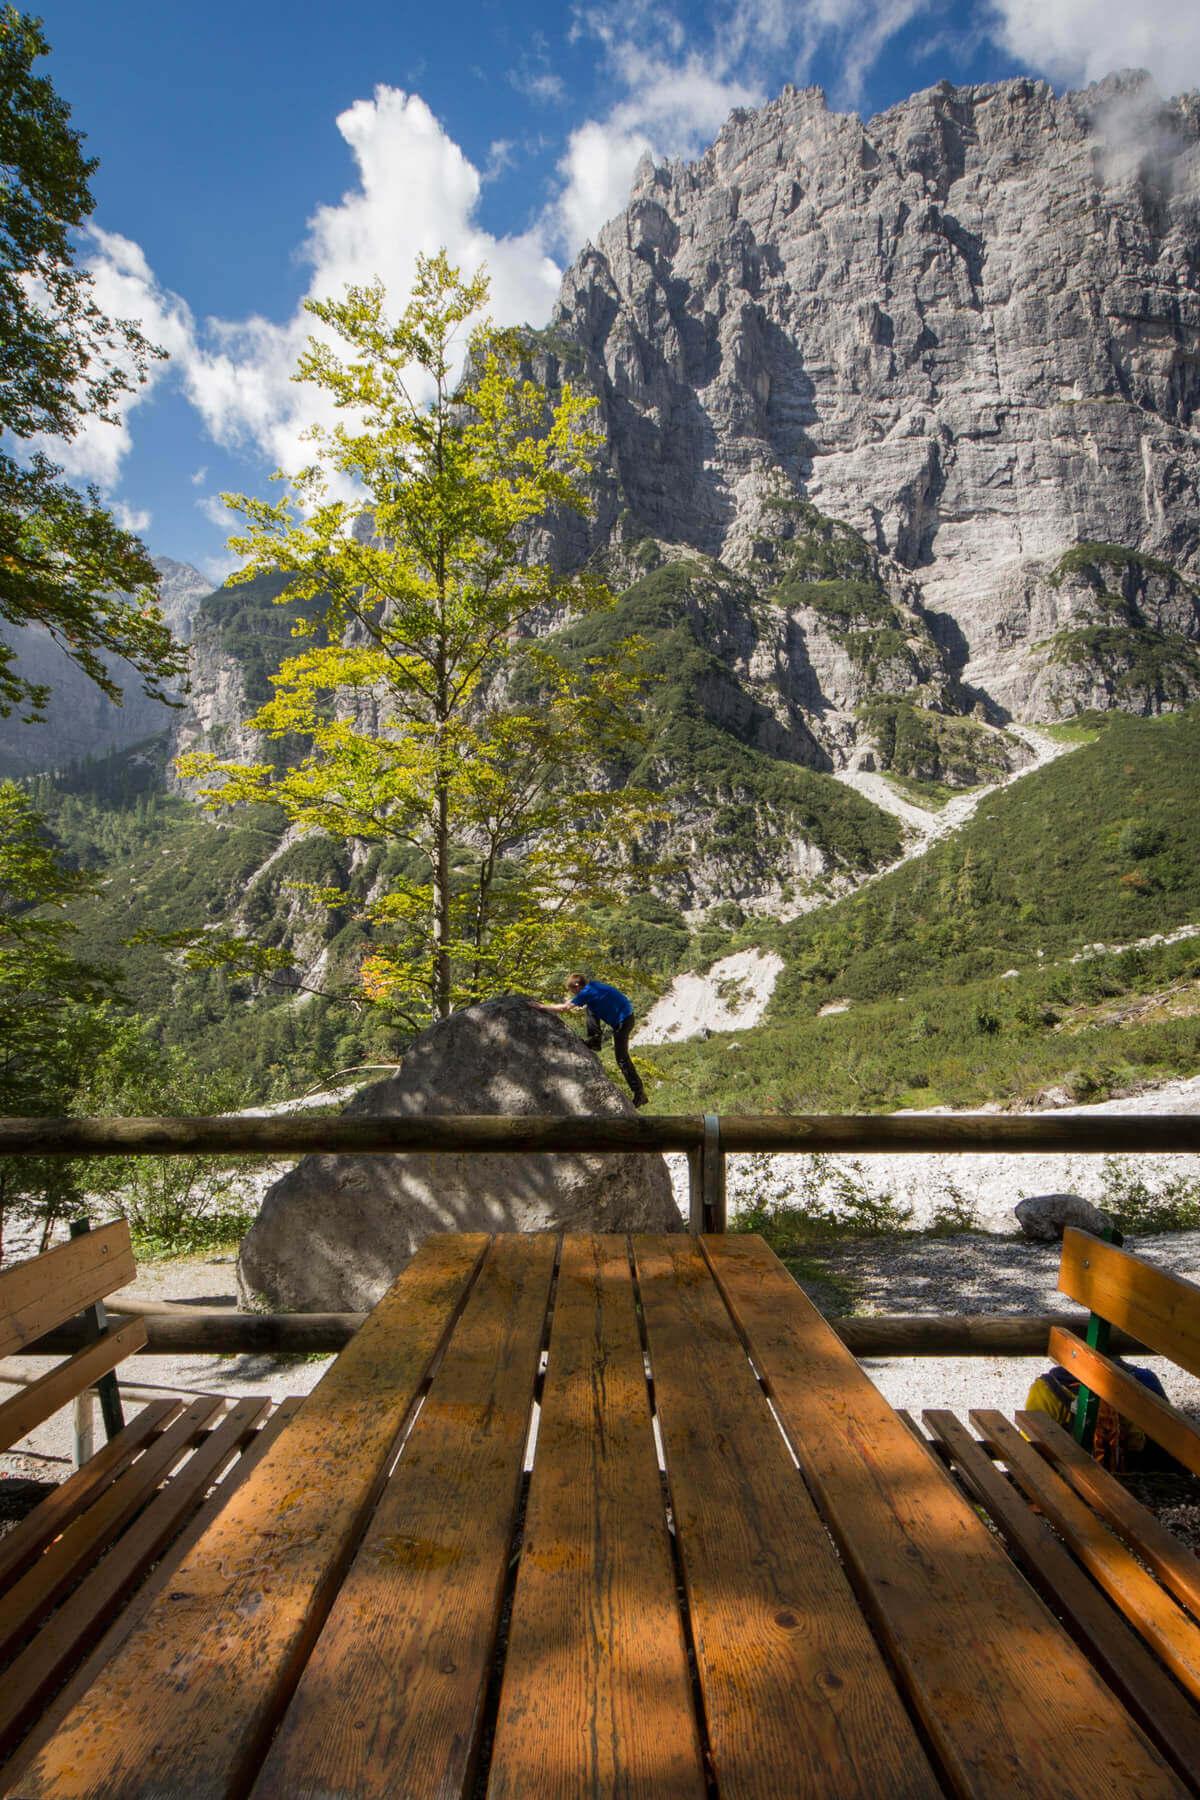 Rifugio Croz dell'Altissimo Brenta